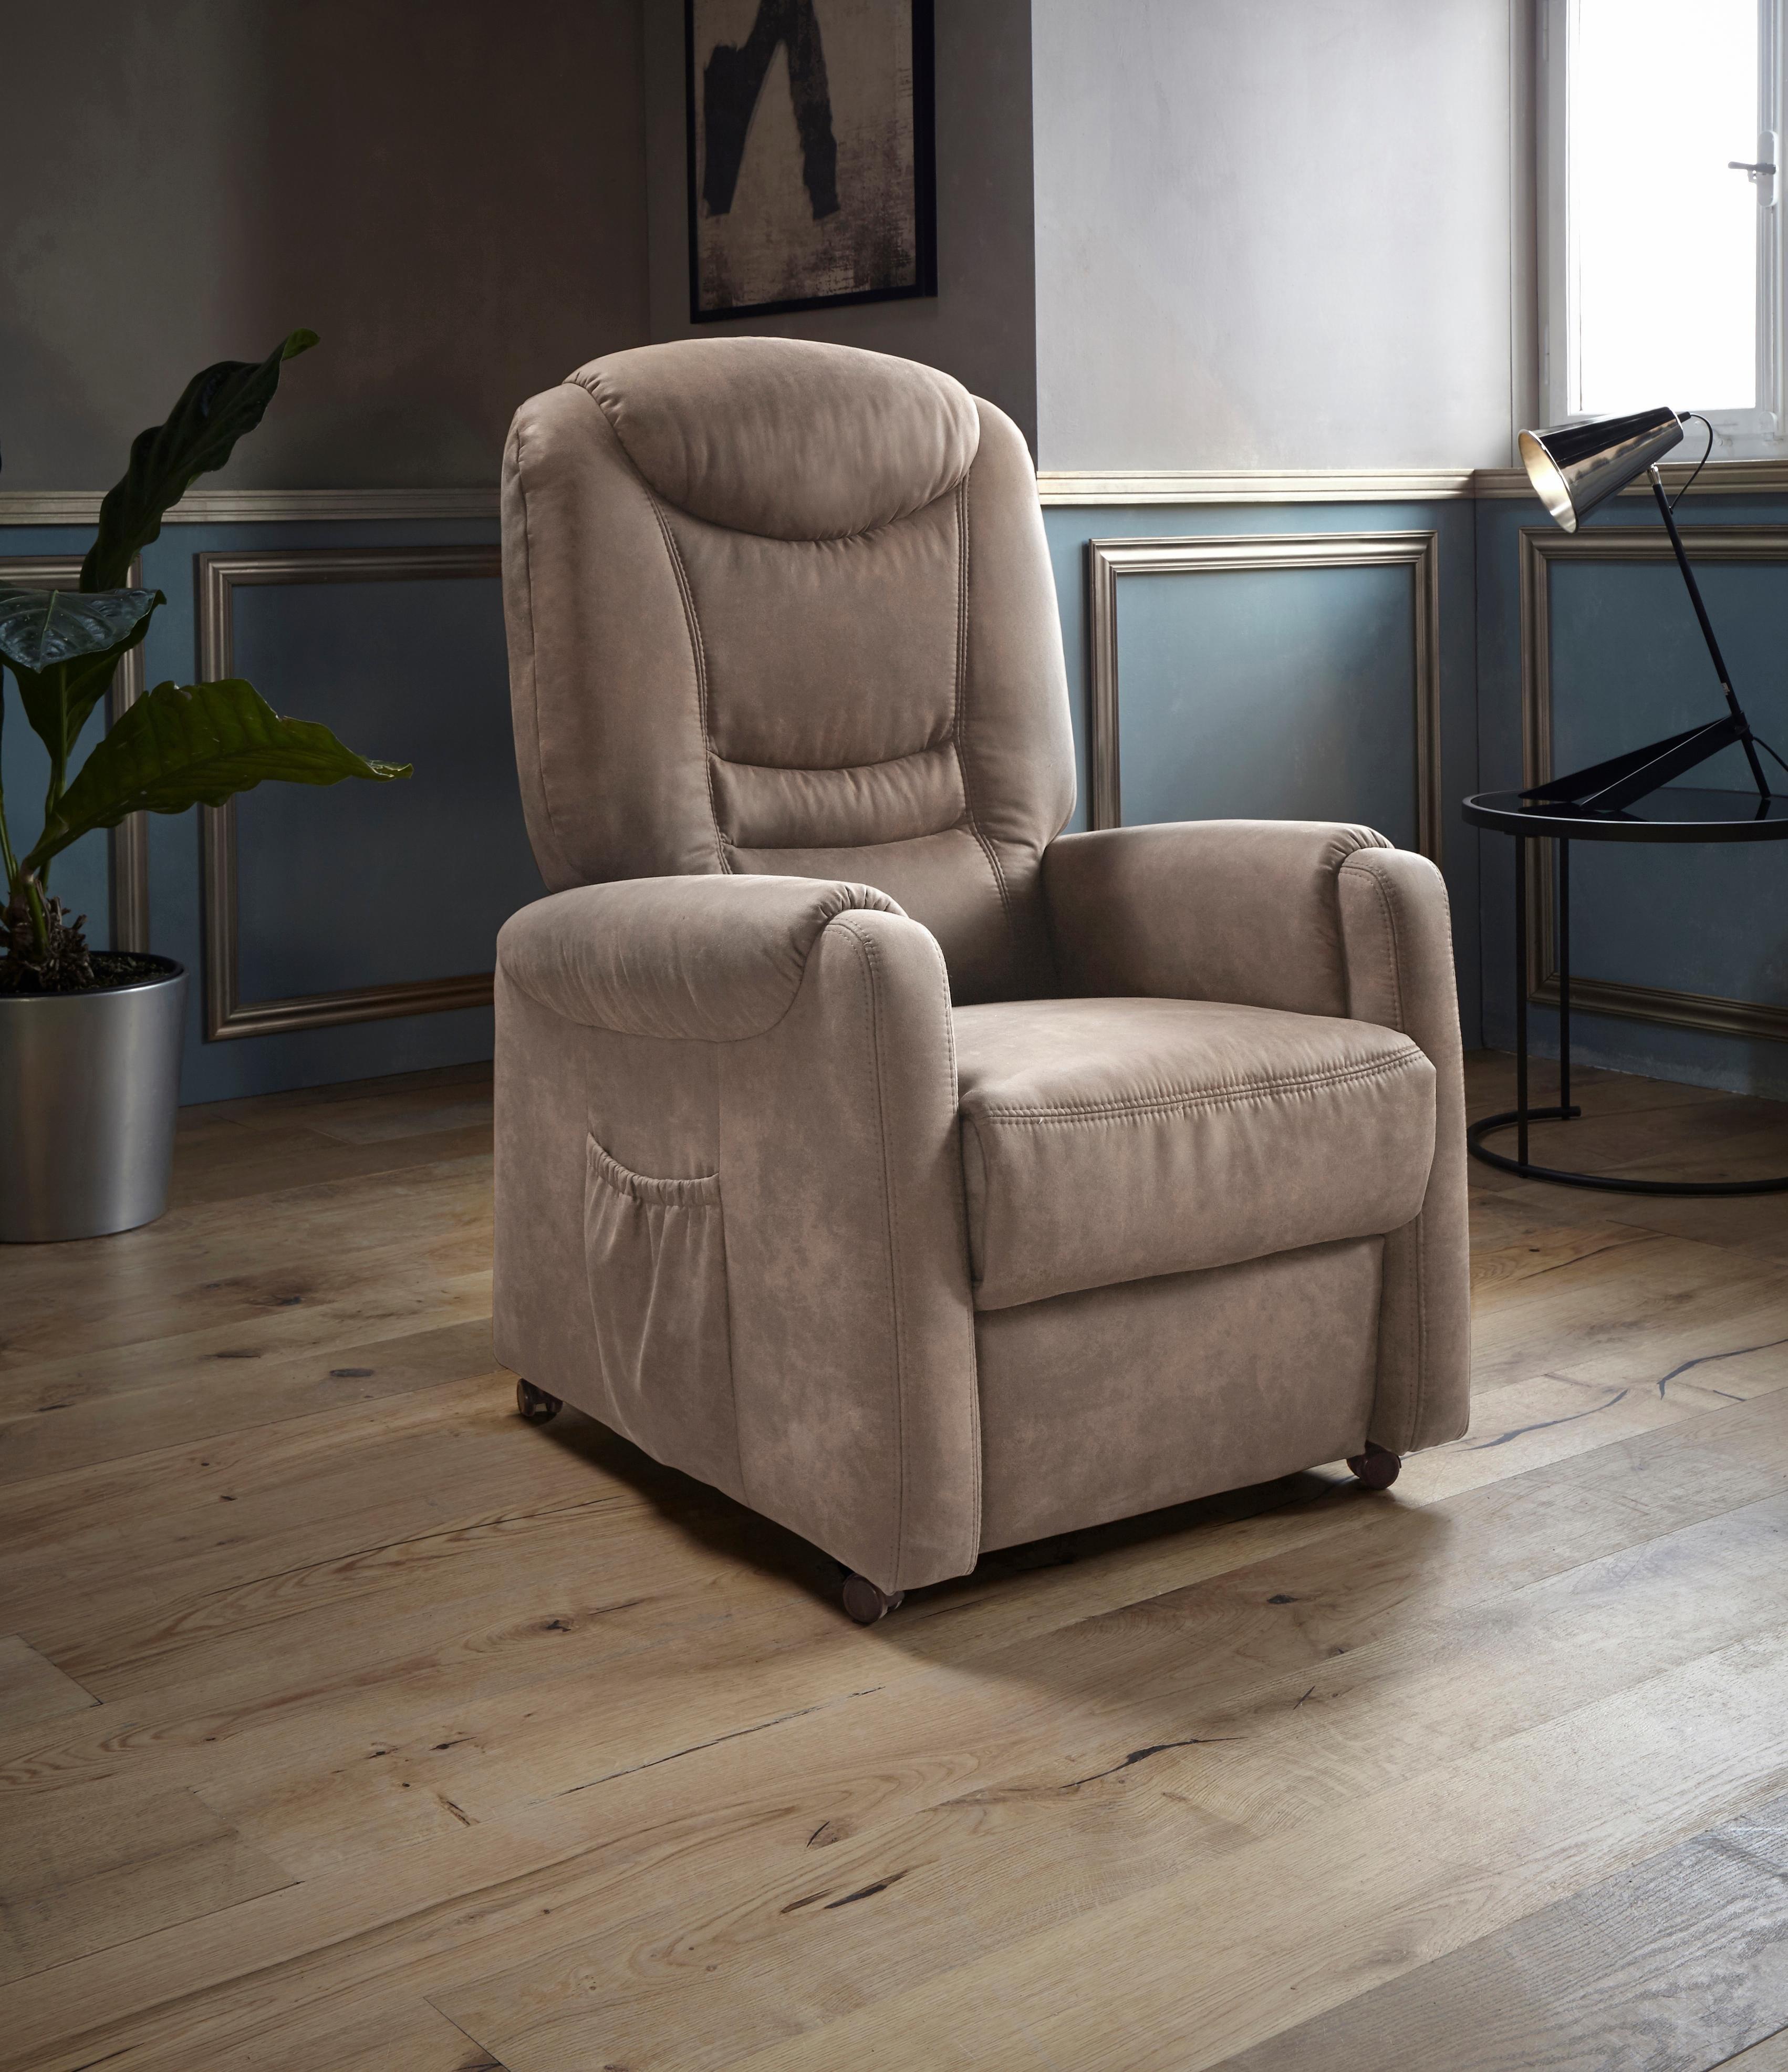 Places Of Style roomed relaxfauteuil 'Tamworth' in maat L, naar keuze met motor en opstahulp bij OTTO online kopen